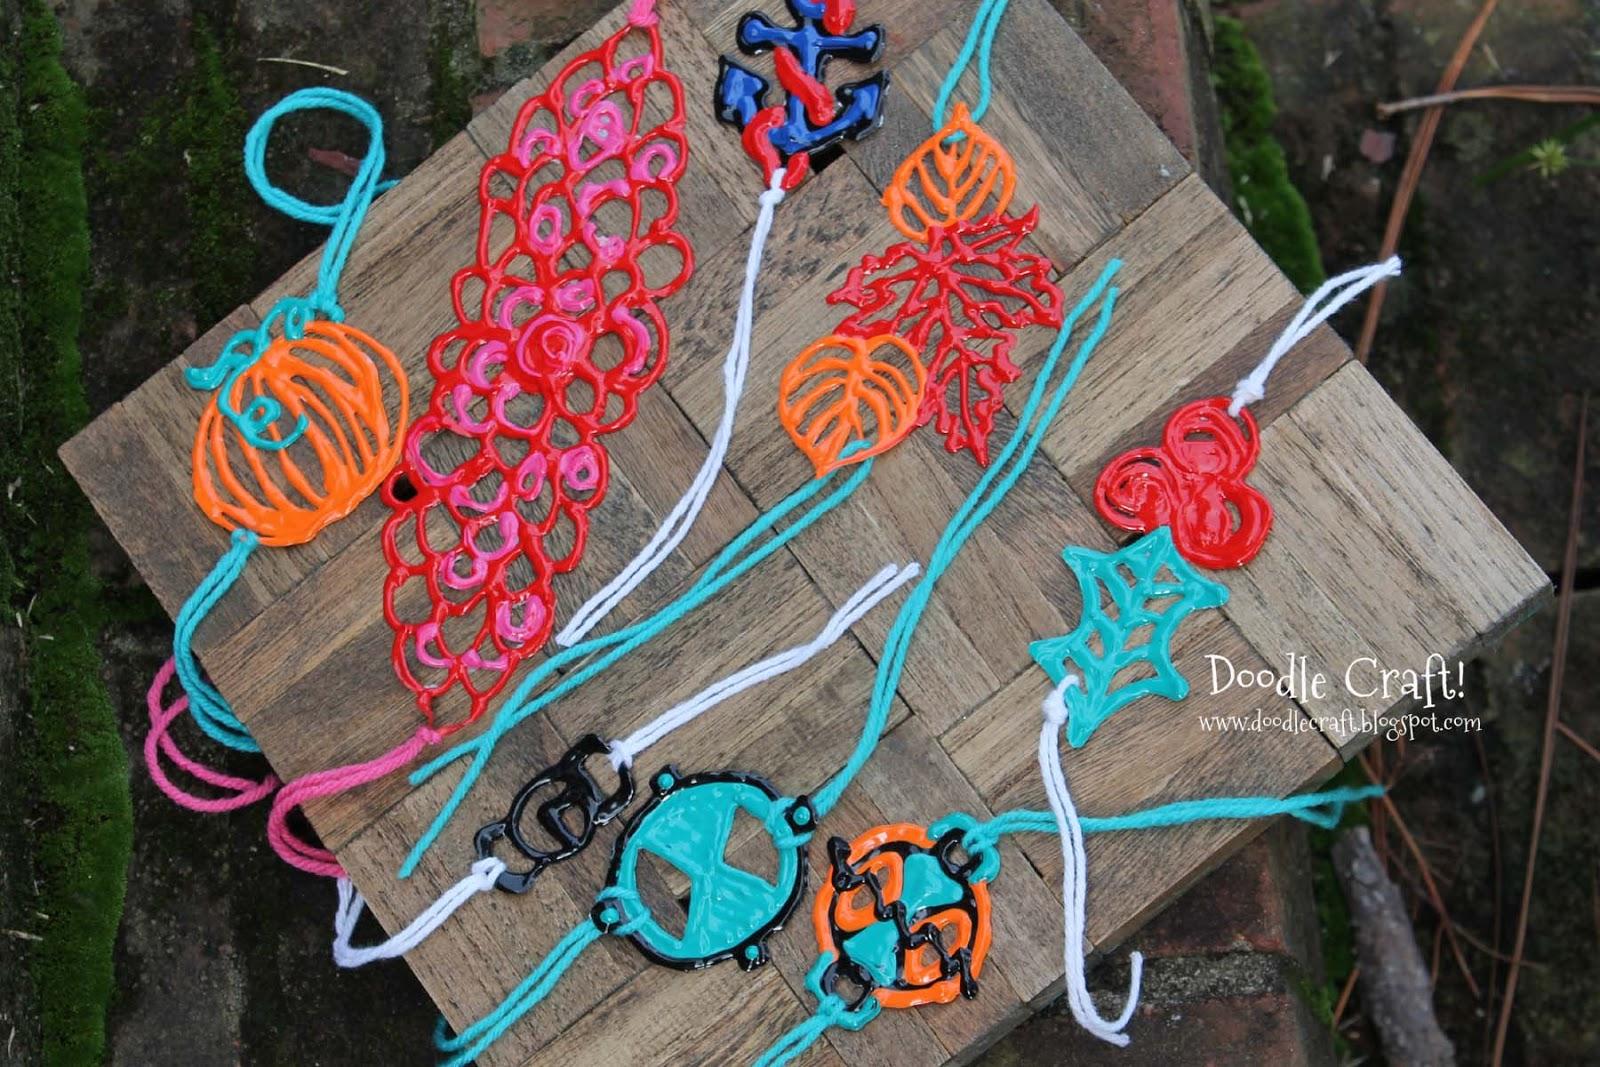 Doodlecraft: Puffy Paint Bracelets Wristbands and Headbands!